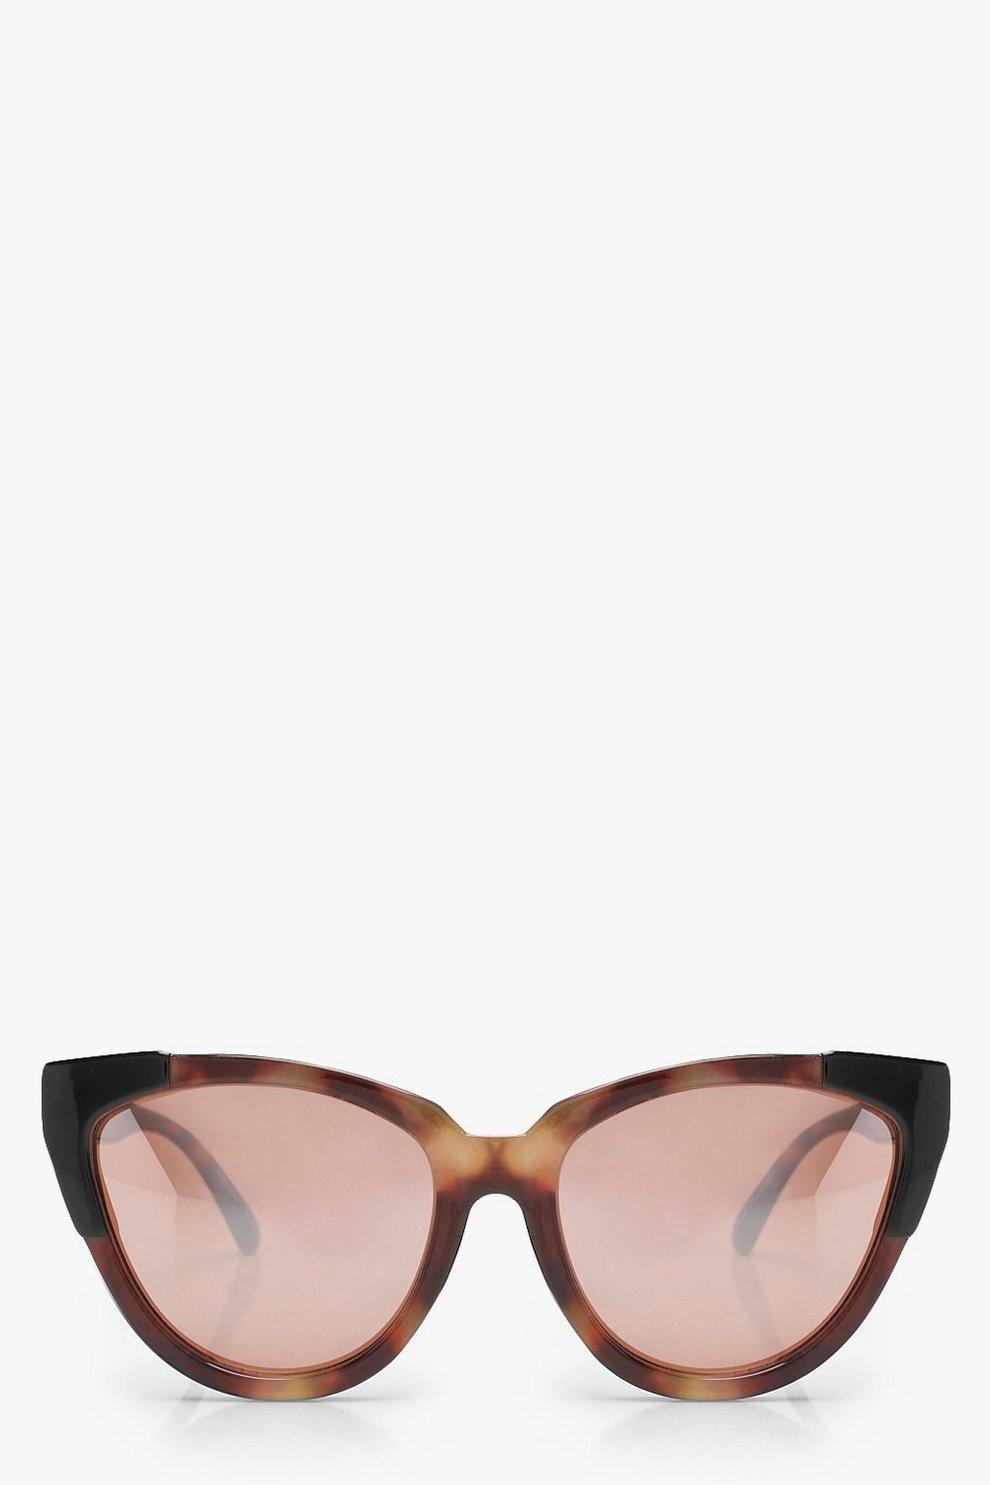 9dd617dfcf Oversize Tortoiseshell Cat Eye Sunglasses